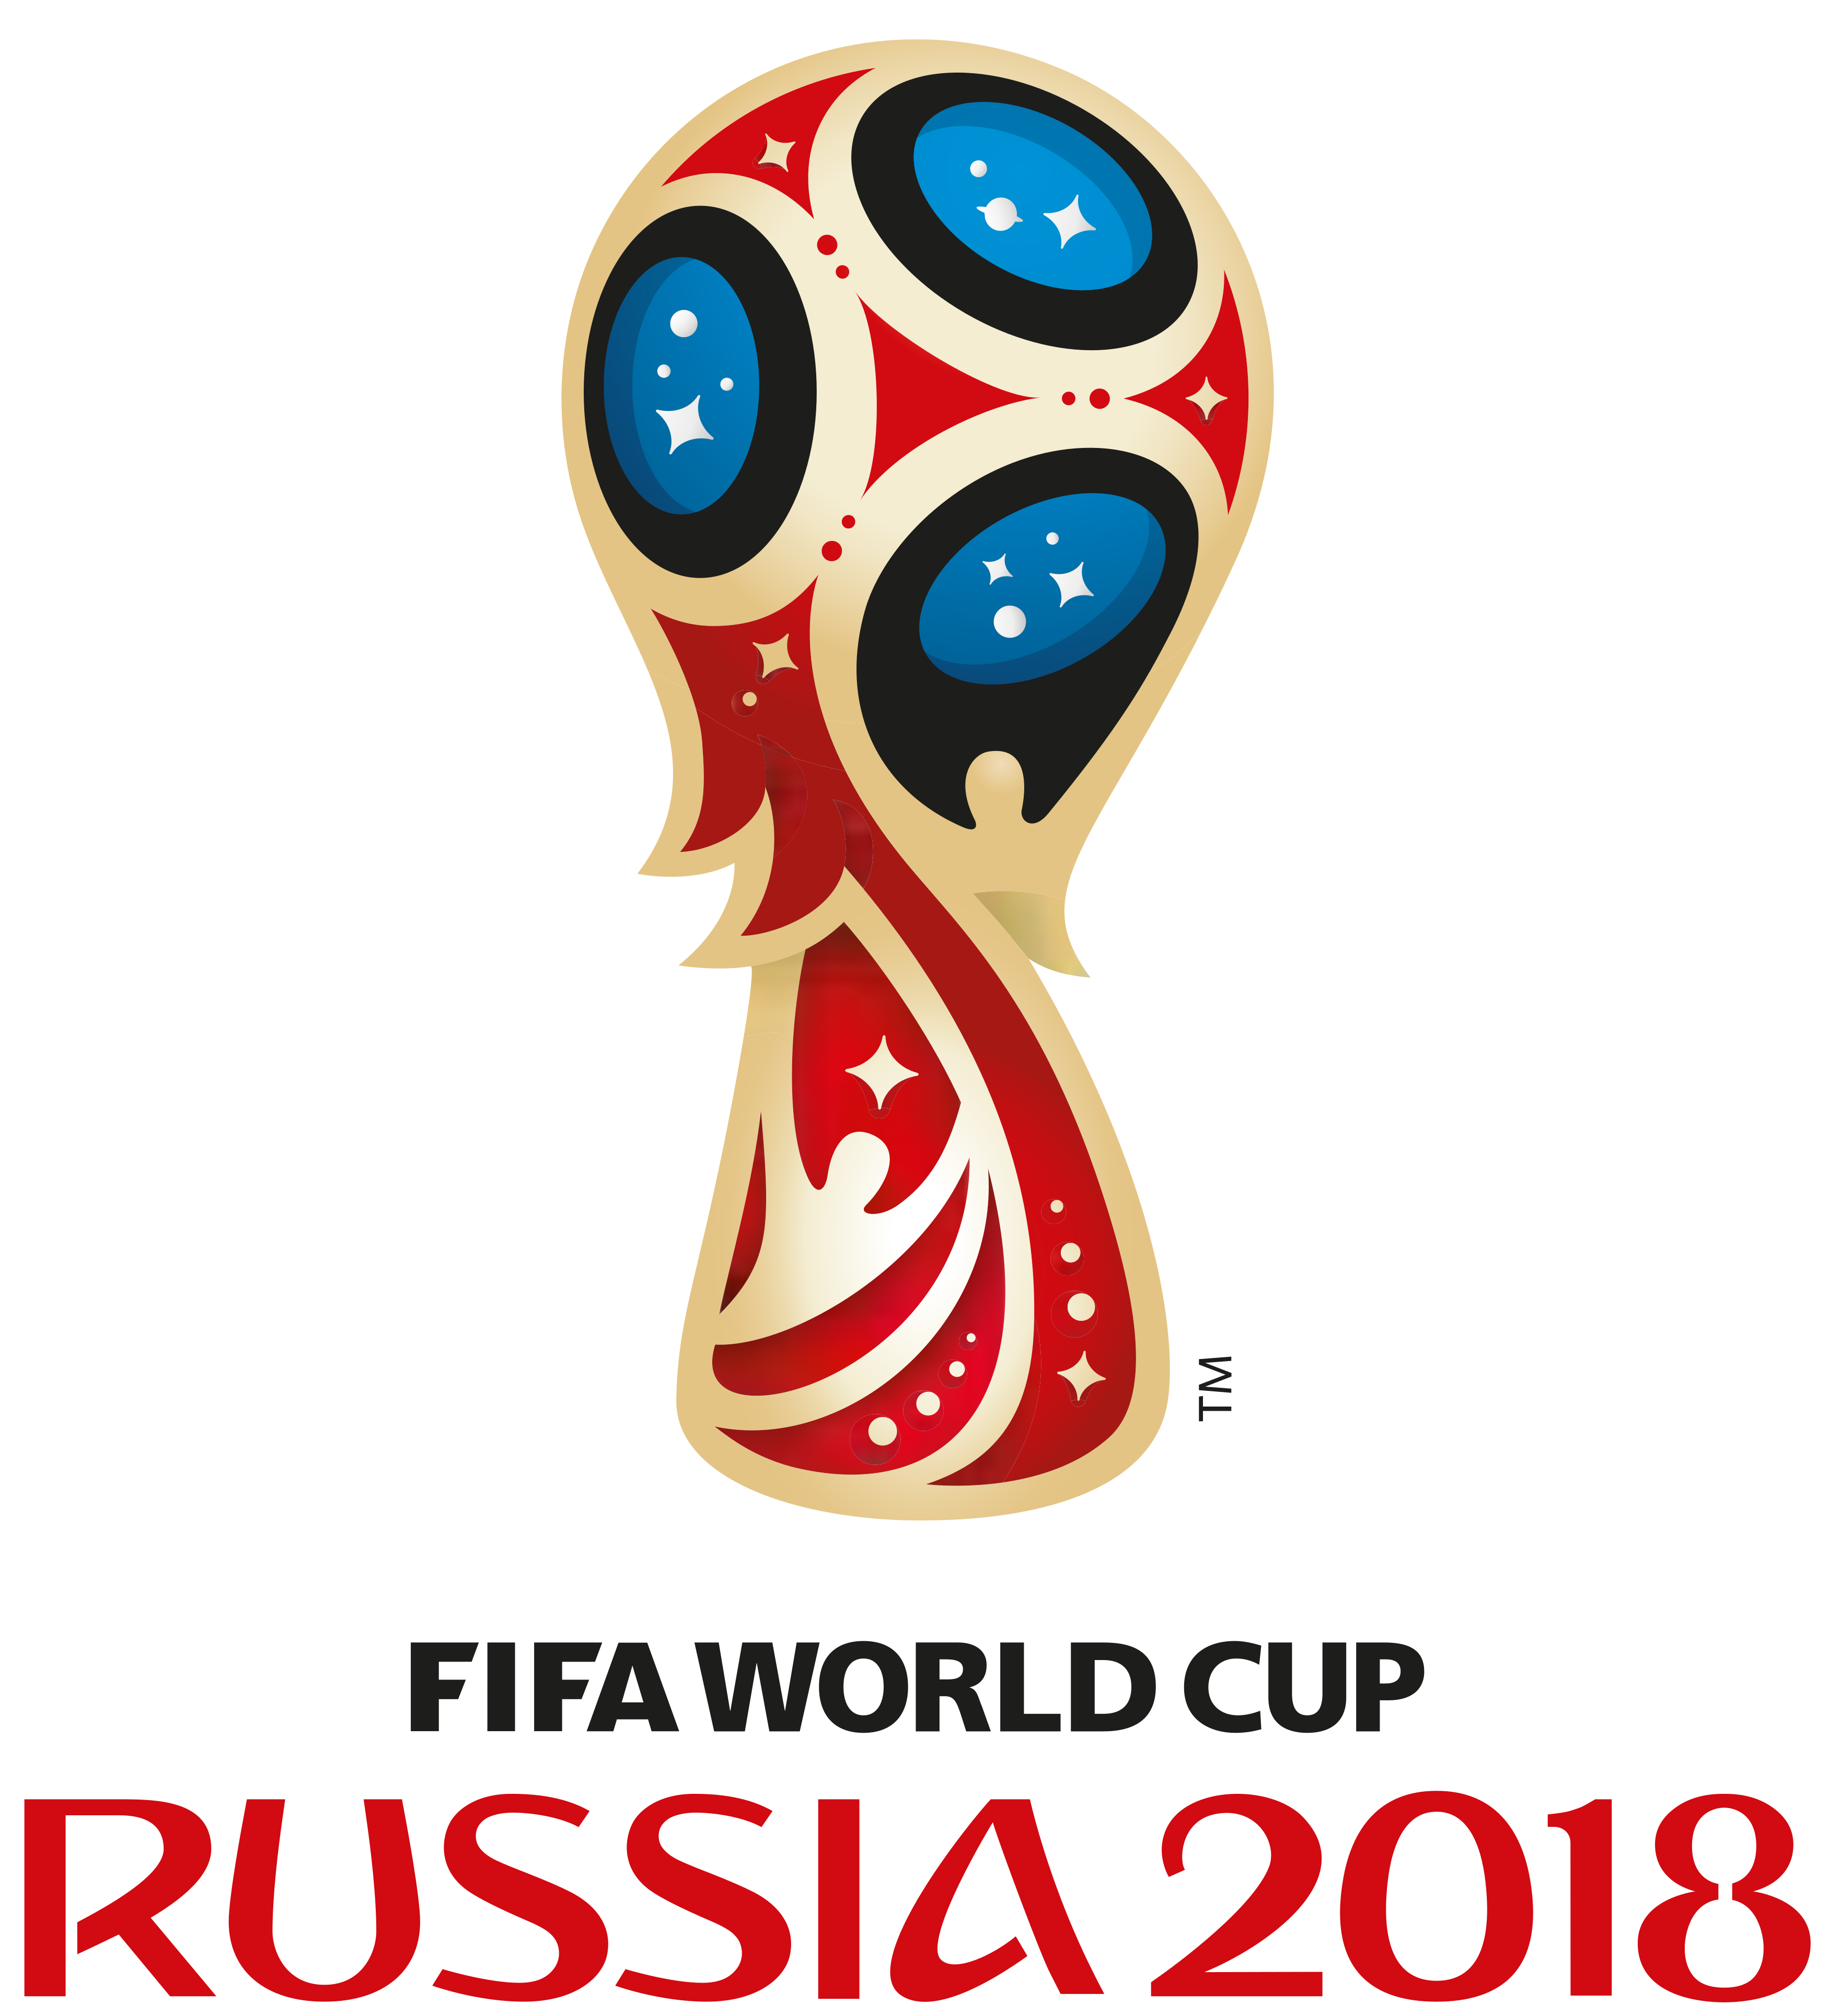 Copa do Mundo Rússia 2018 Logo.